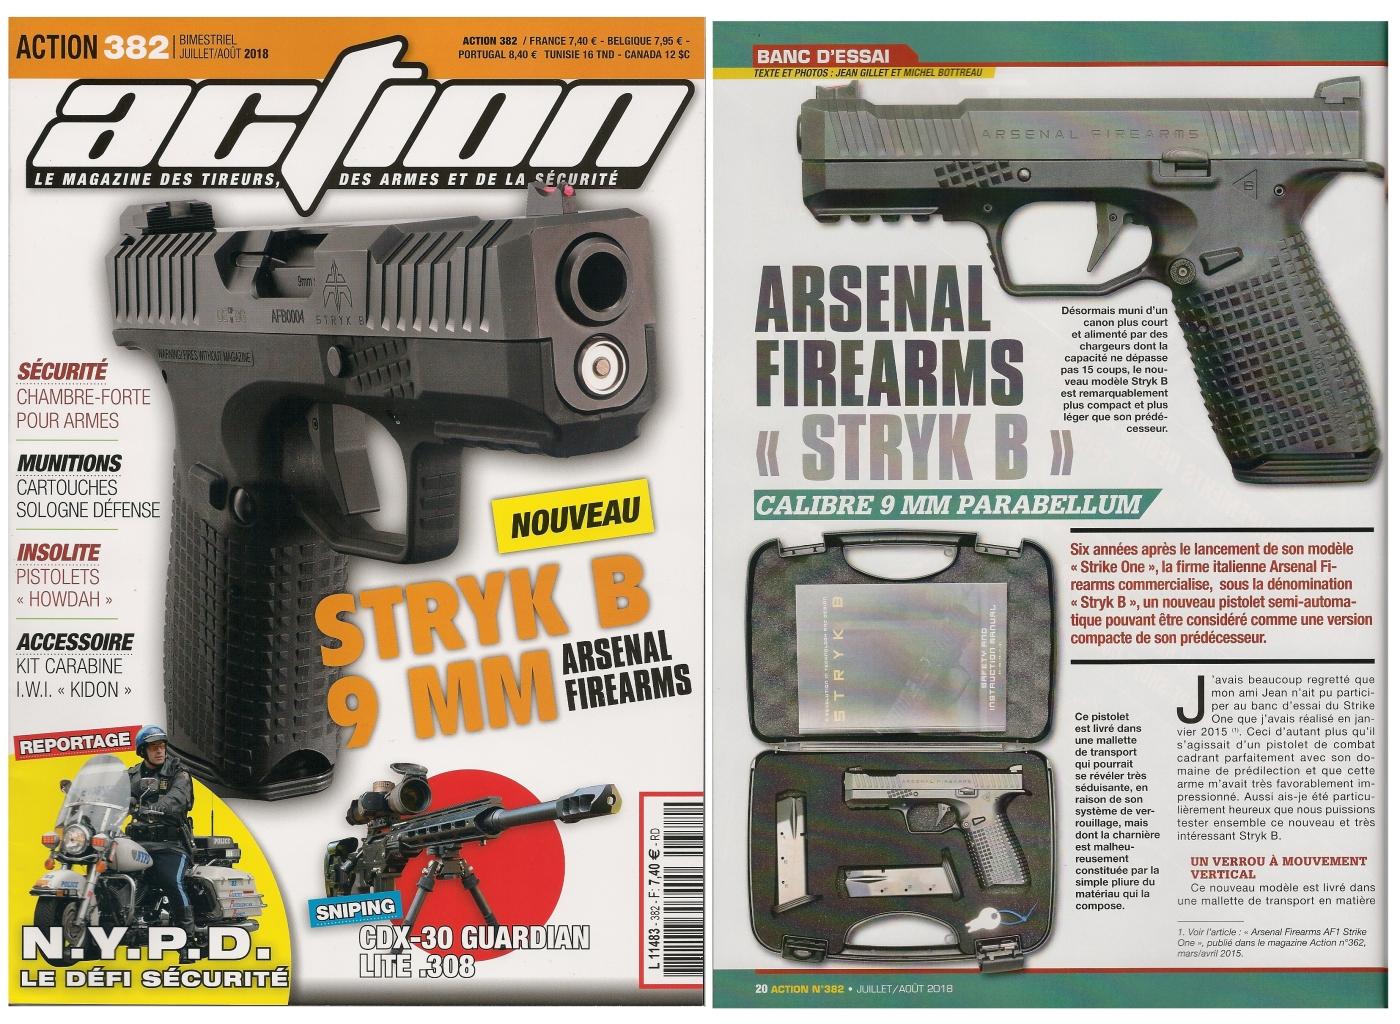 Le banc d'essai du pistolet Arsenal Firearms Styk B a été publié sur 6 pages dans le magazine Action n° 382 (juillet/août 2018).